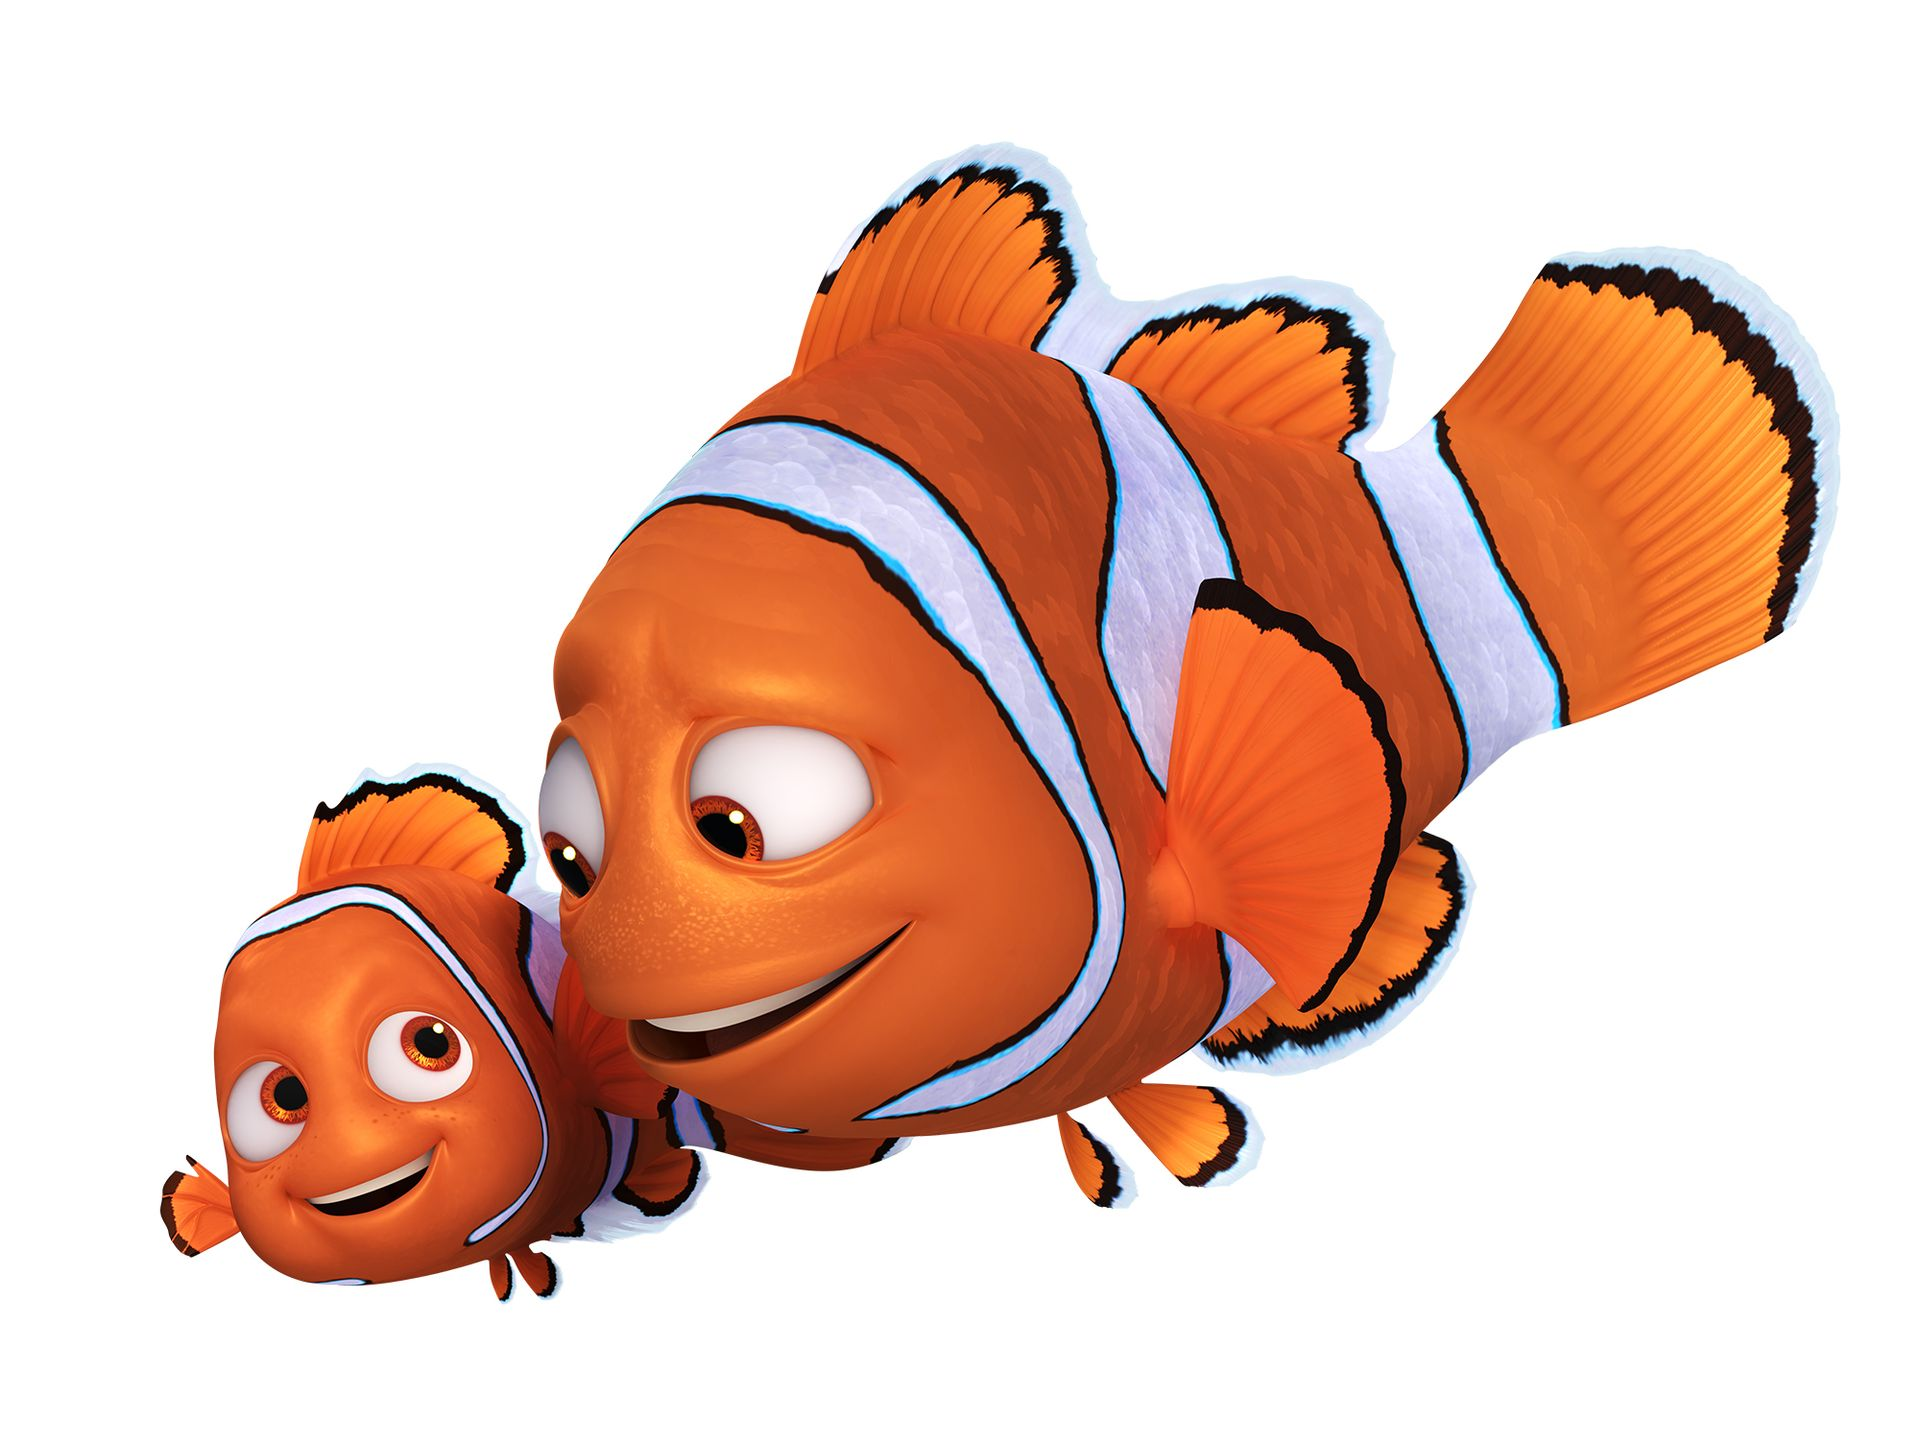 рыбка дори картинка на белом фоне противном